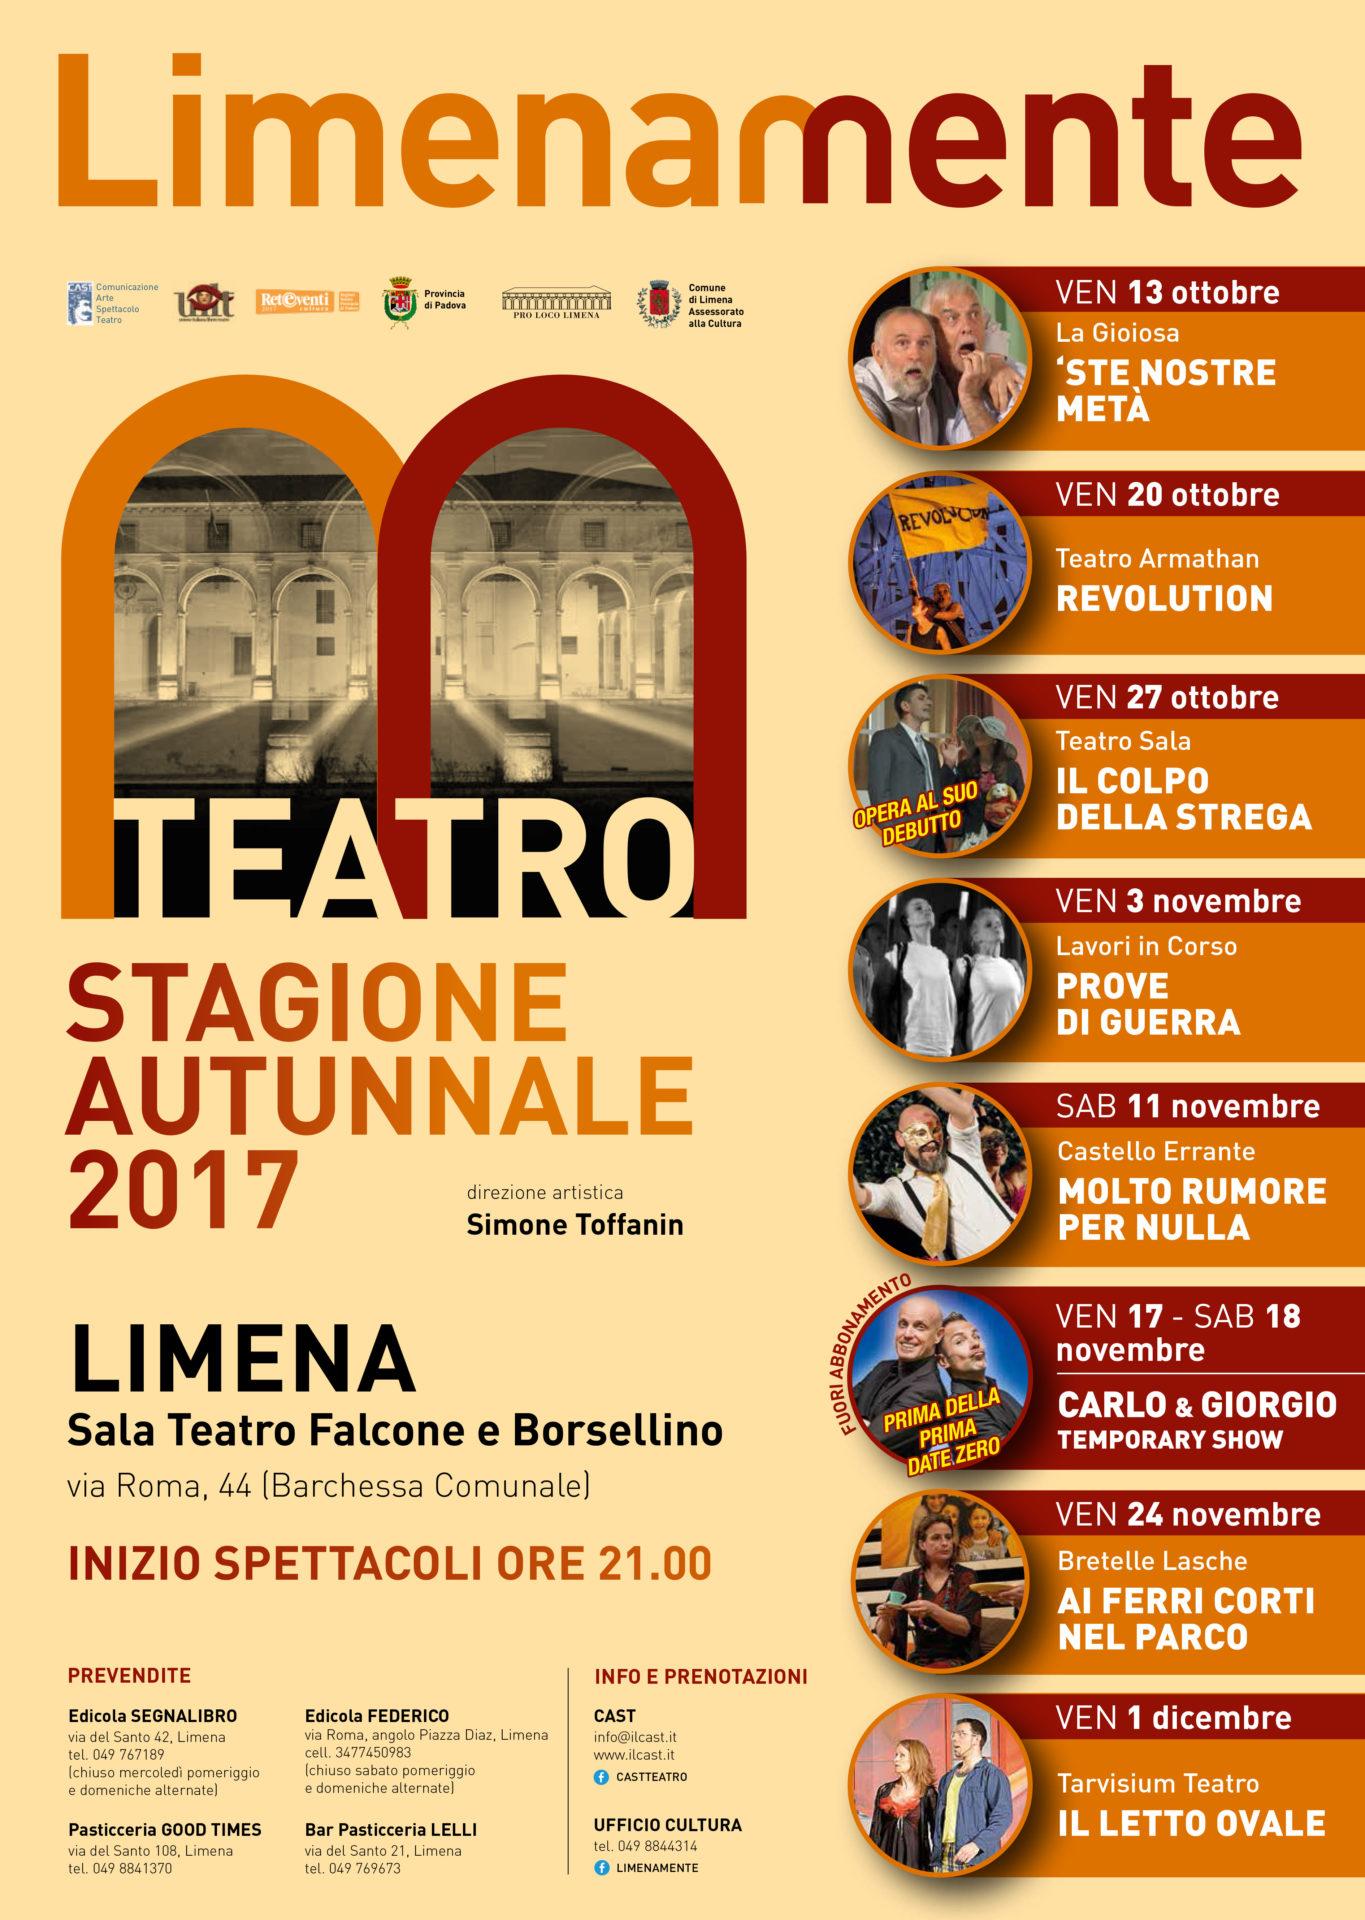 Limenamente Teatro autunno 2017